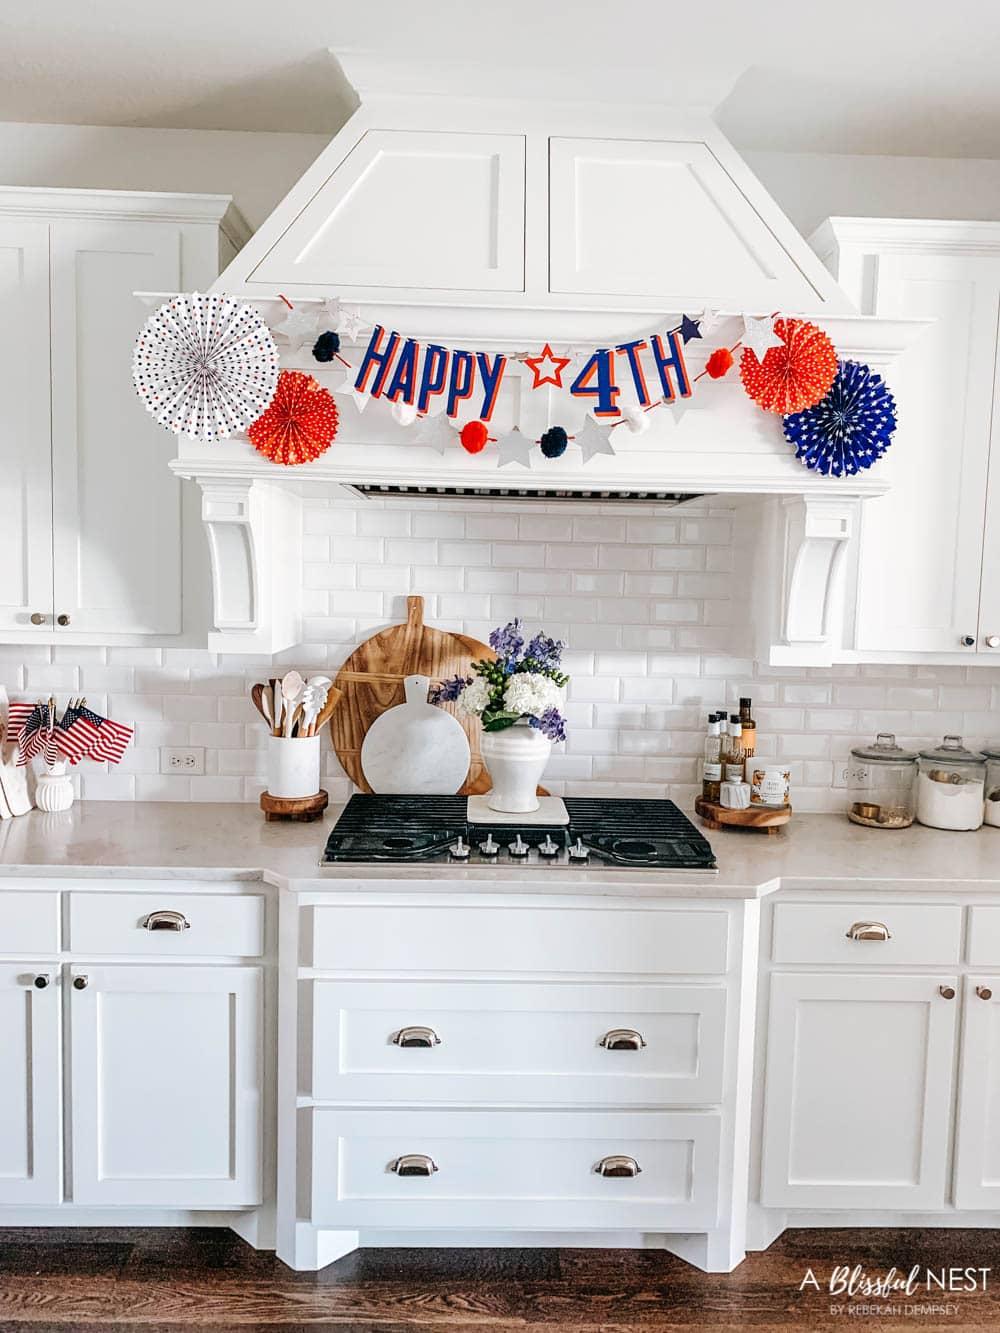 4 de julio simple y decoración patriótica para el hogar.  Ideas de decoración en rojo, blanco y azul.  #ABlissfulNest # 4thofjuly #patrioticdecor